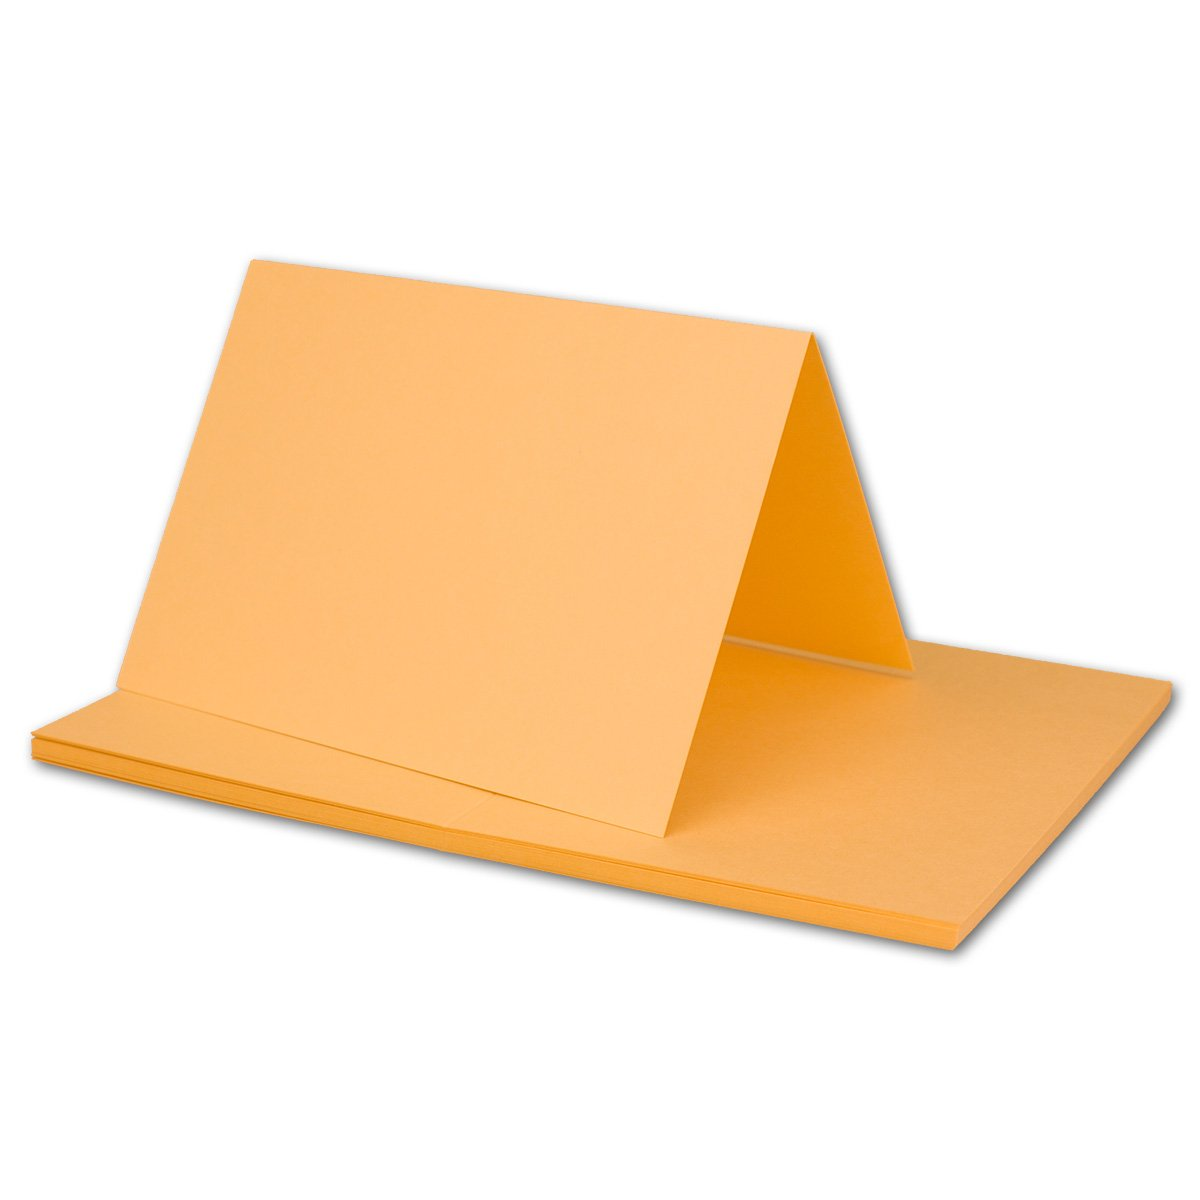 250x Falt-Karten DIN A6 Blanko Doppel-Karten in Hochweiß Kristallweiß -10,5 x 14,8 cm   Premium Qualität   FarbenFroh® B079X4641K | Ausgezeichnete Qualität